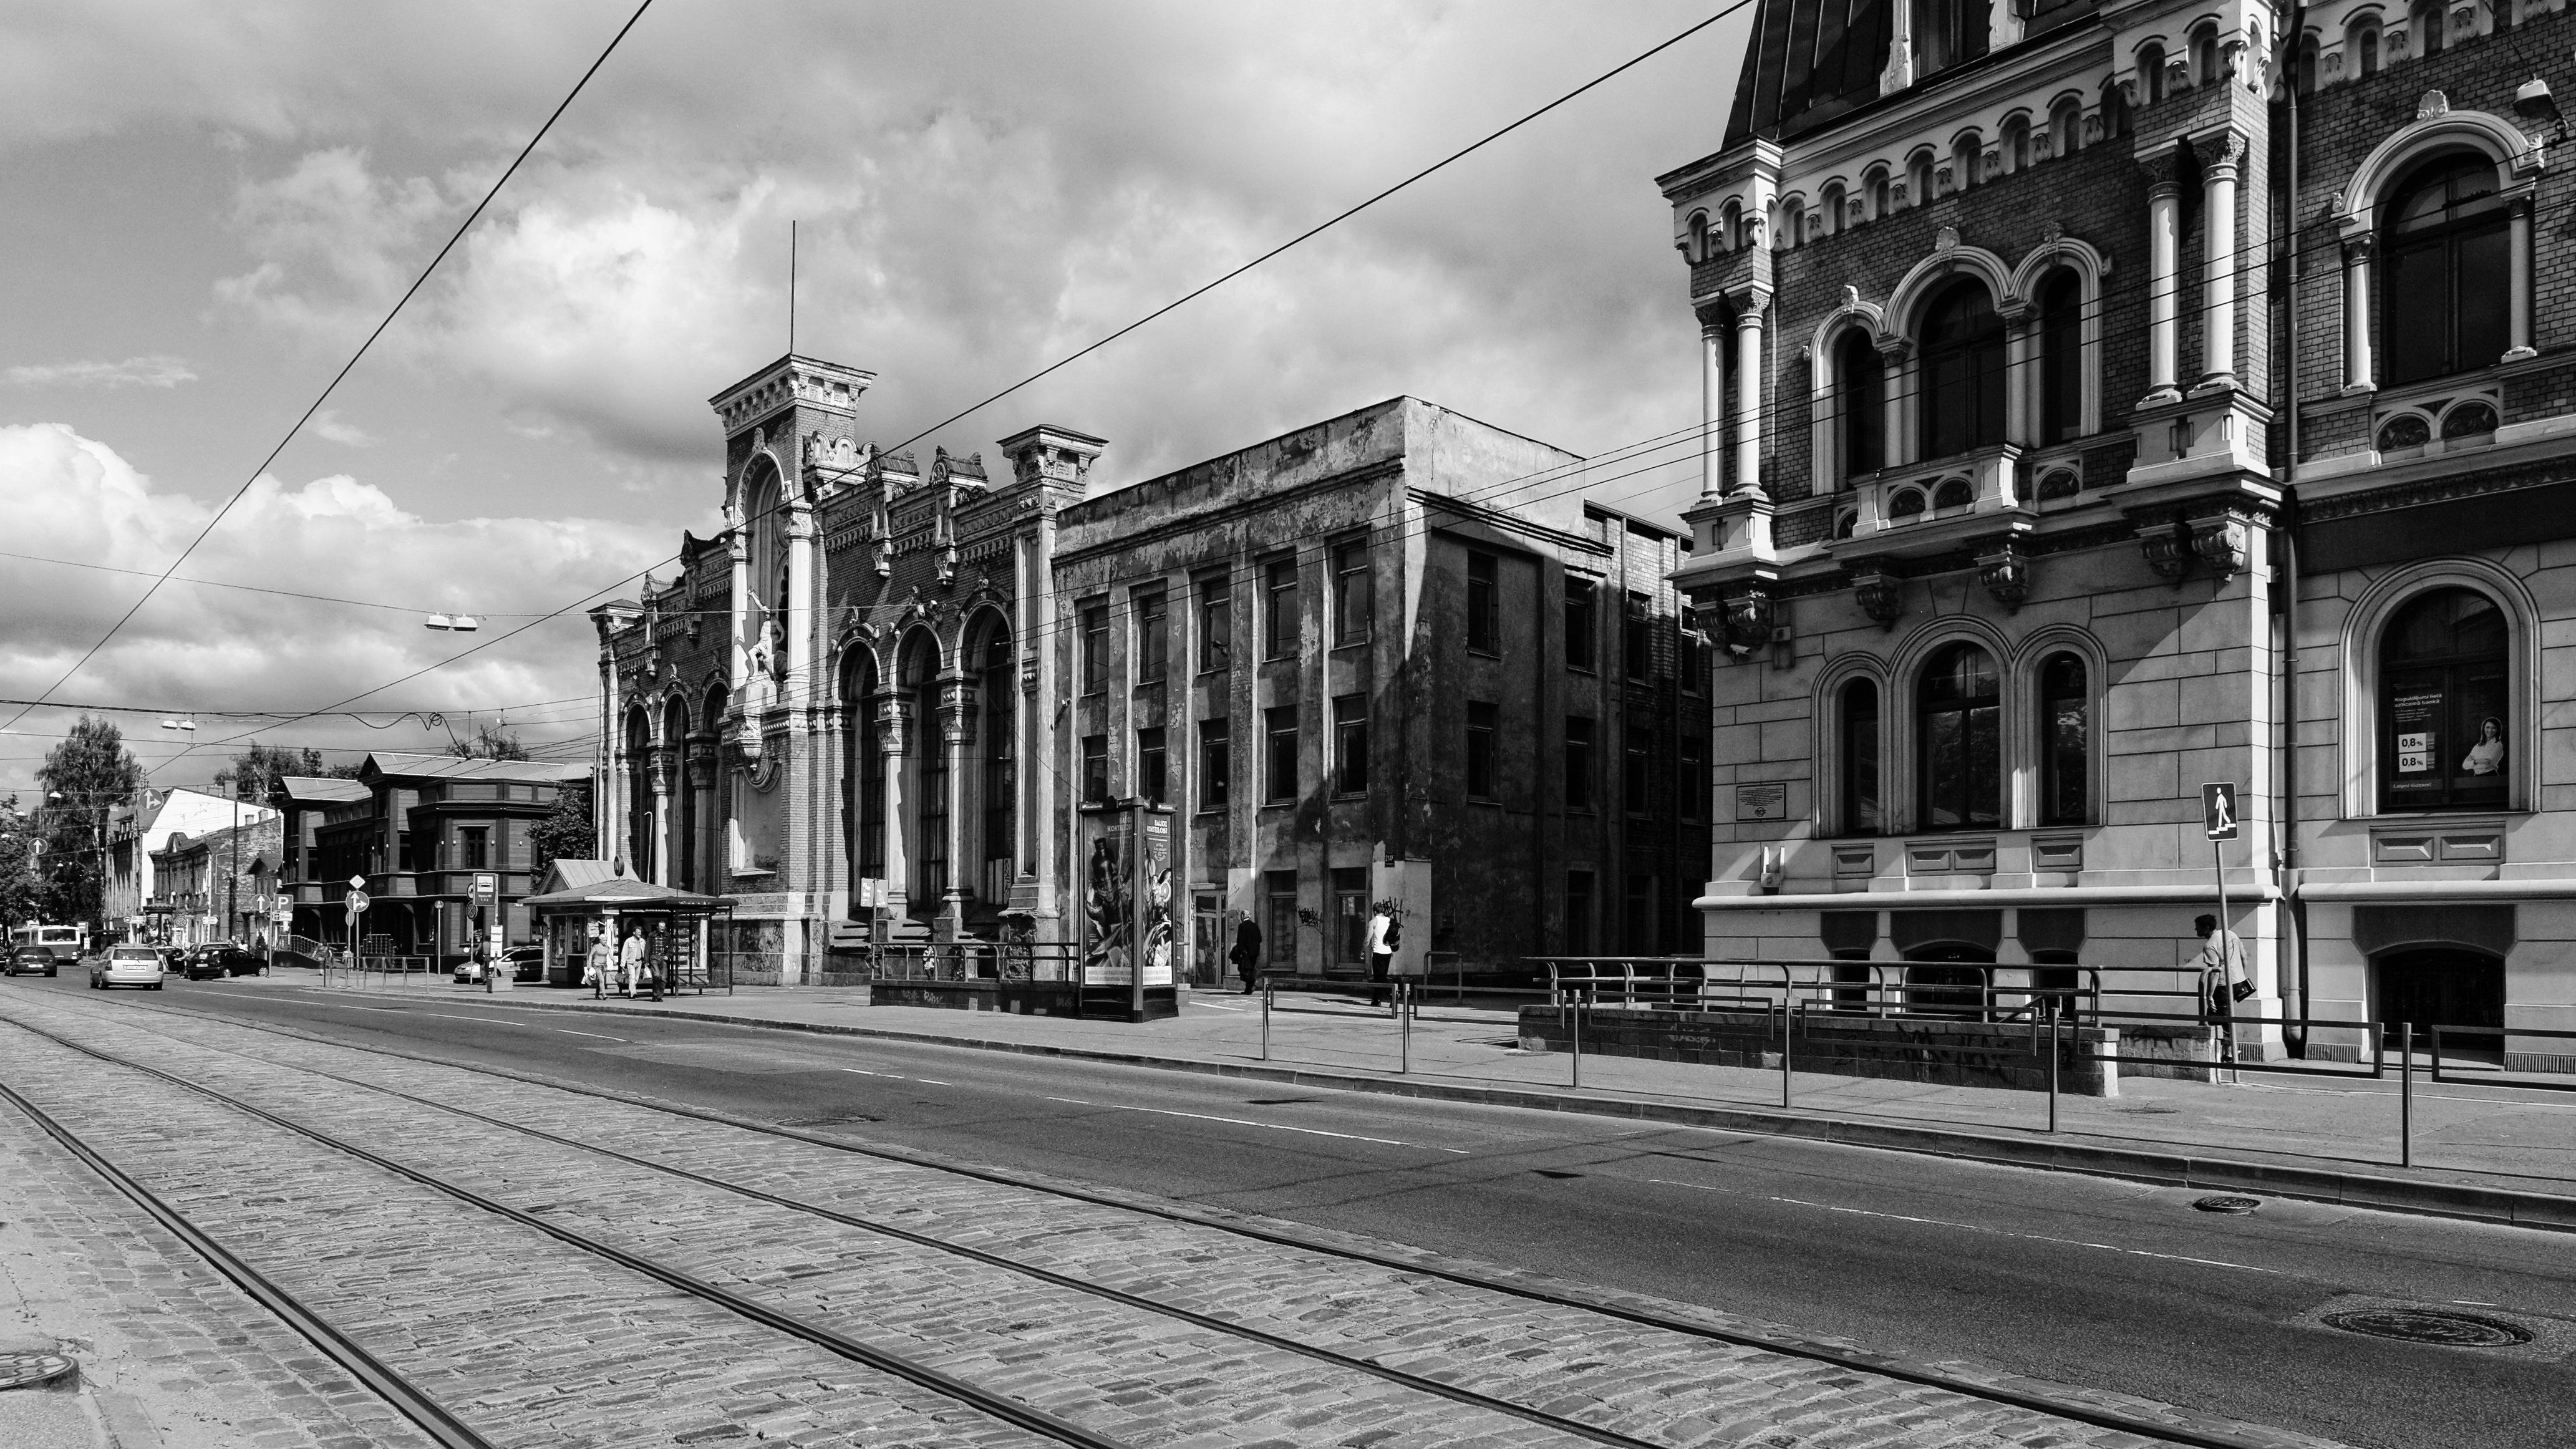 Bild: Insidern ist VEF in Riga als Hersteller der legendären MINOX Kameras des in Riga geborenen Konstrukteurs und Unternehmers Walter Zapp bekannt. NIKON D700 mit TAMRON SP 24-70mm F/2.8 Di VC USD. ISO 200 ¦ f/7,1 ¦ 24 mm ¦ 1/2000 s ¦ kein Blitz. Klicken Sie auf das Bild um es zu vergrößern.